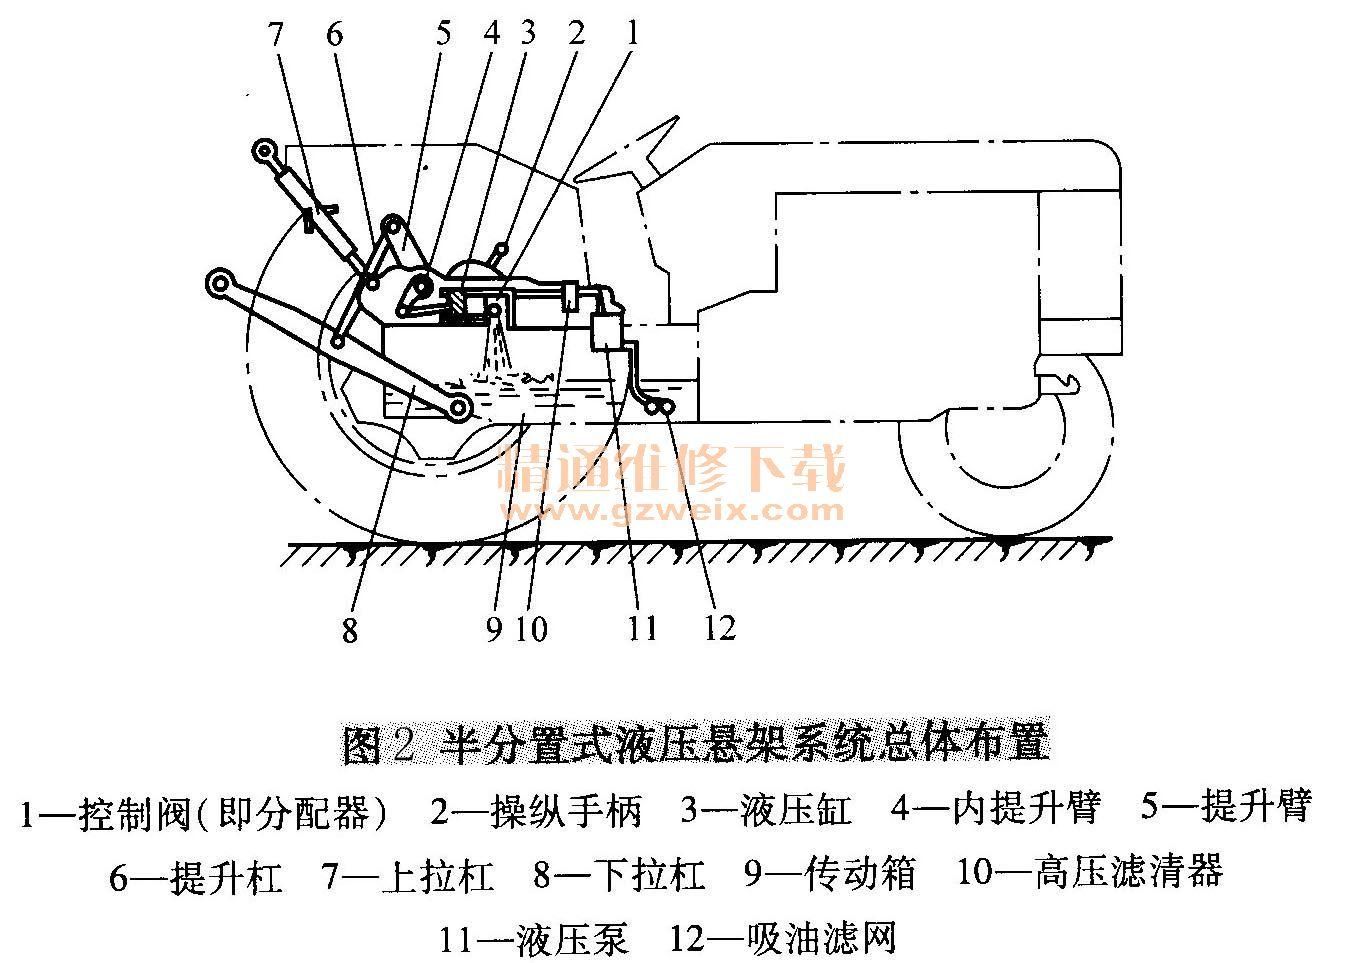 而与液压泵分别安装在拖拉机